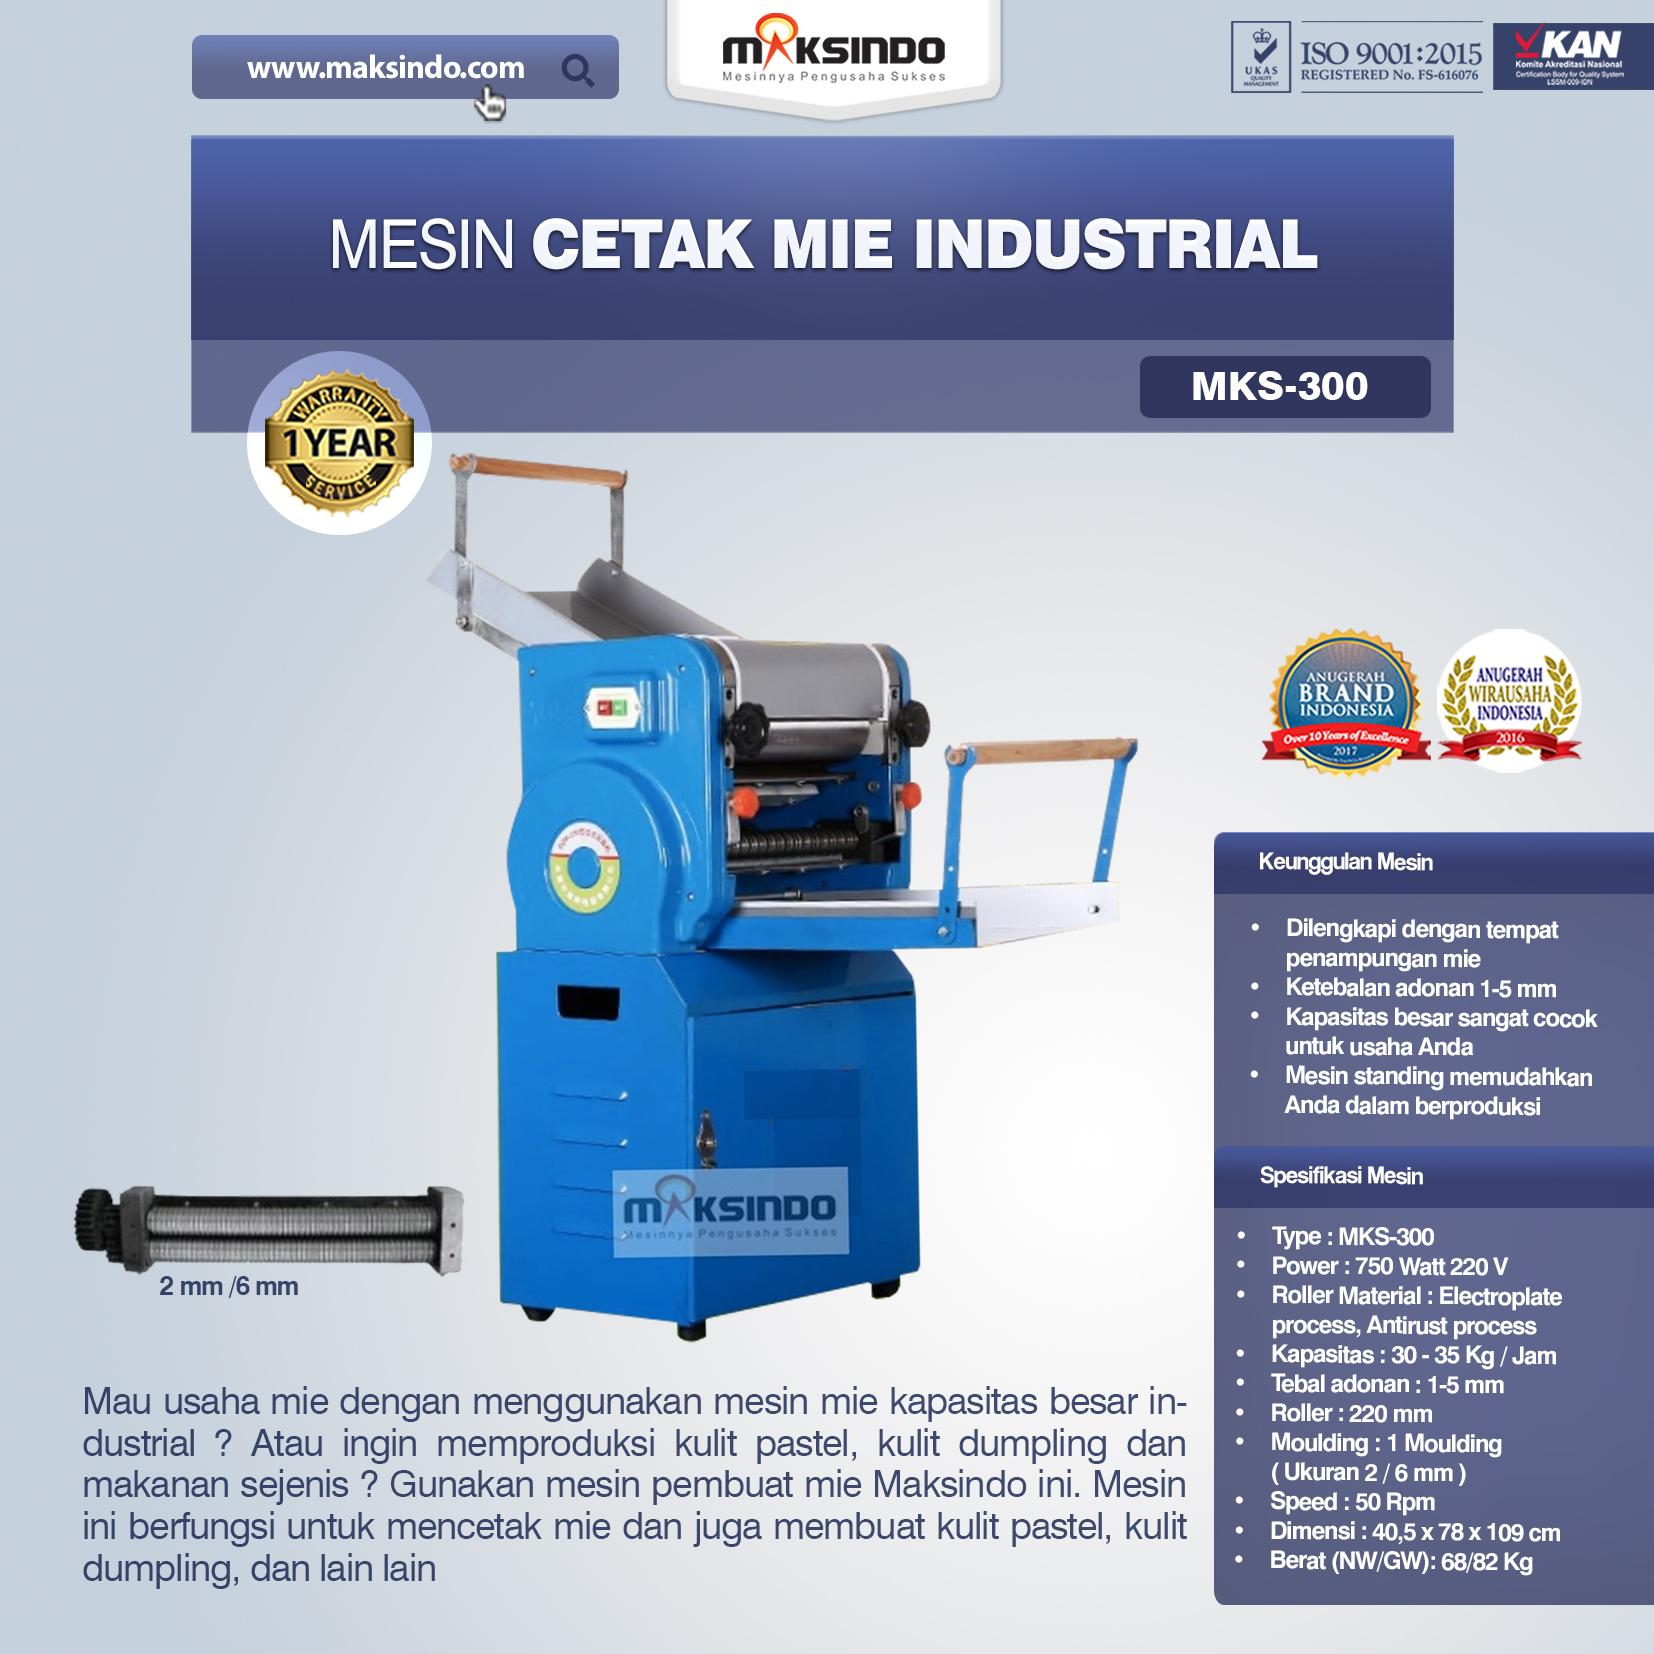 Jual Mesin Cetak Mie Industrial (MKS-300) di Pekanbaru